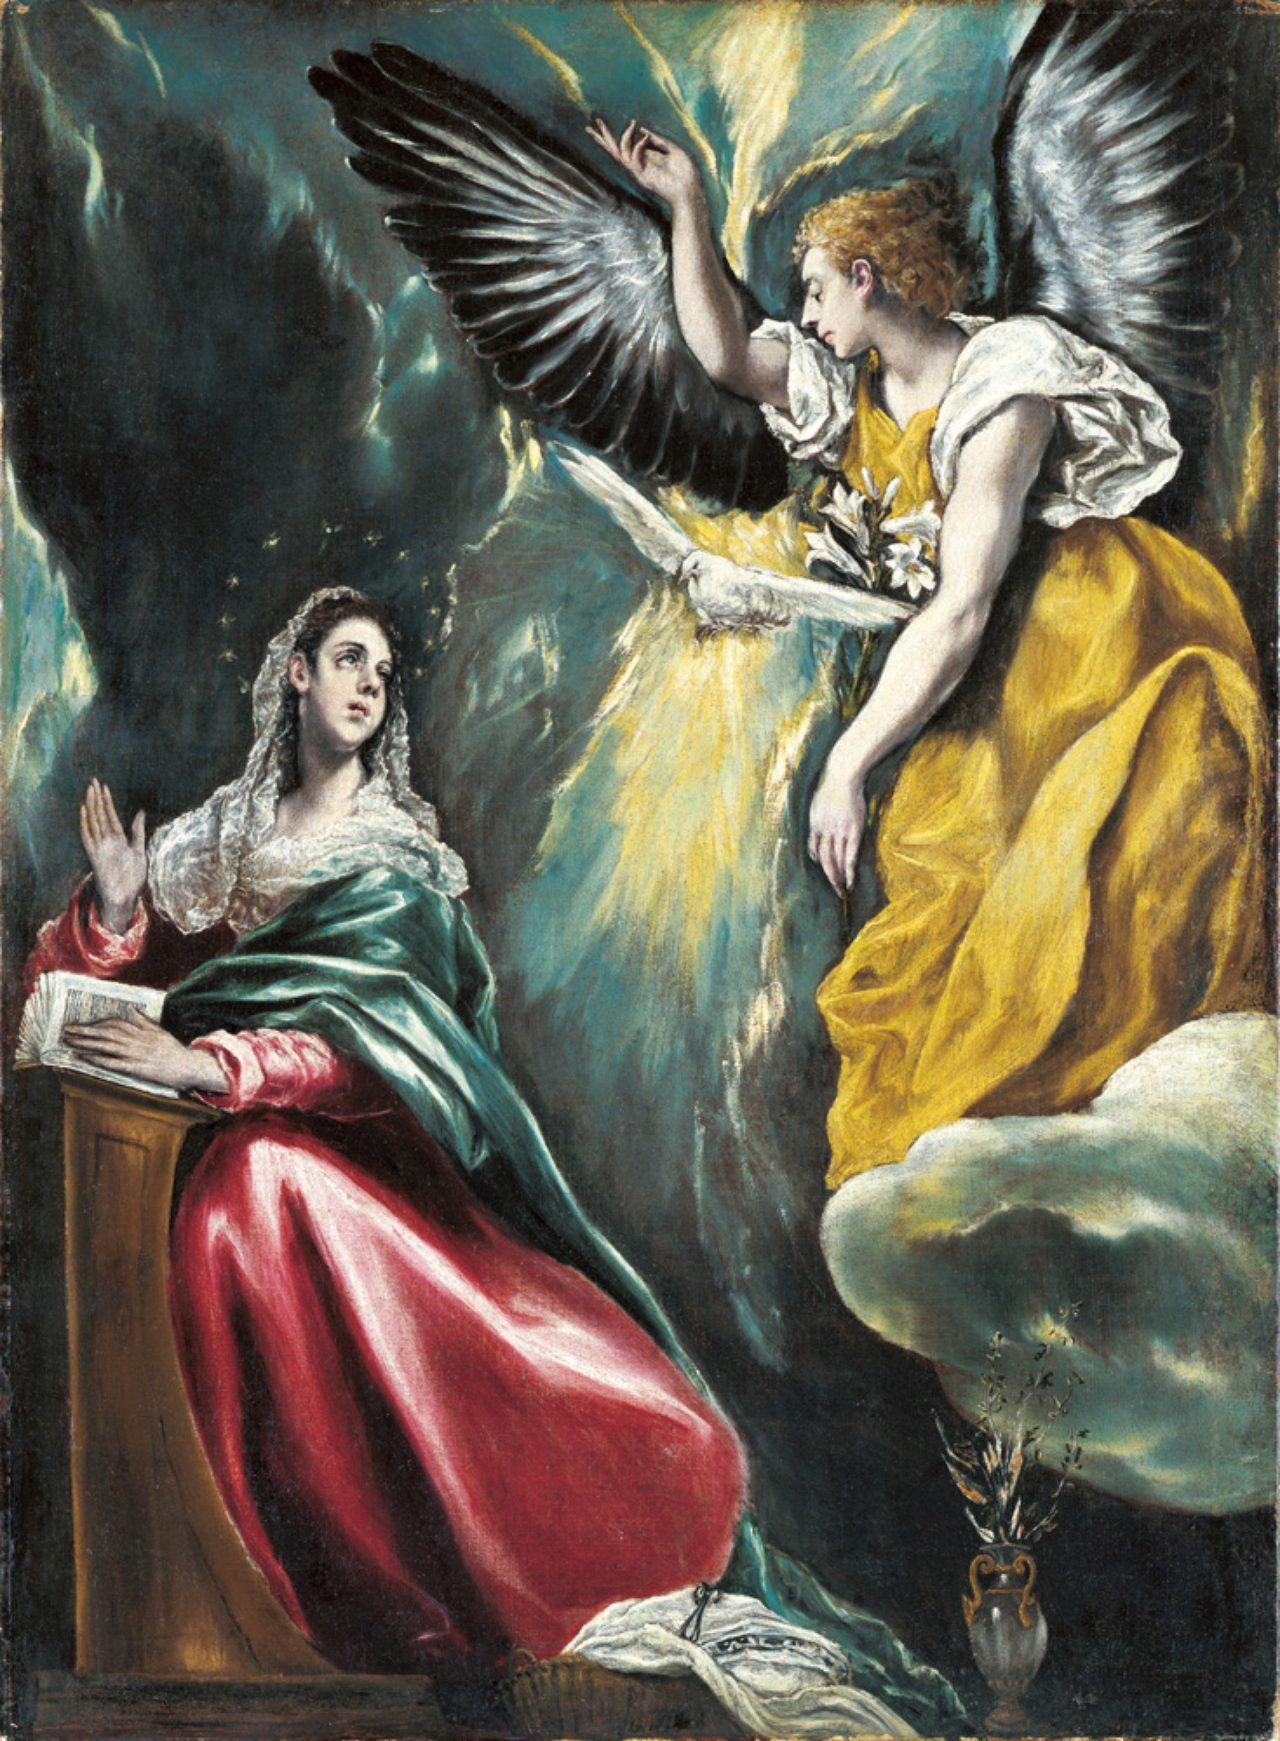 画像: エル・グレコ 《受胎告知》 1590年頃−1603年